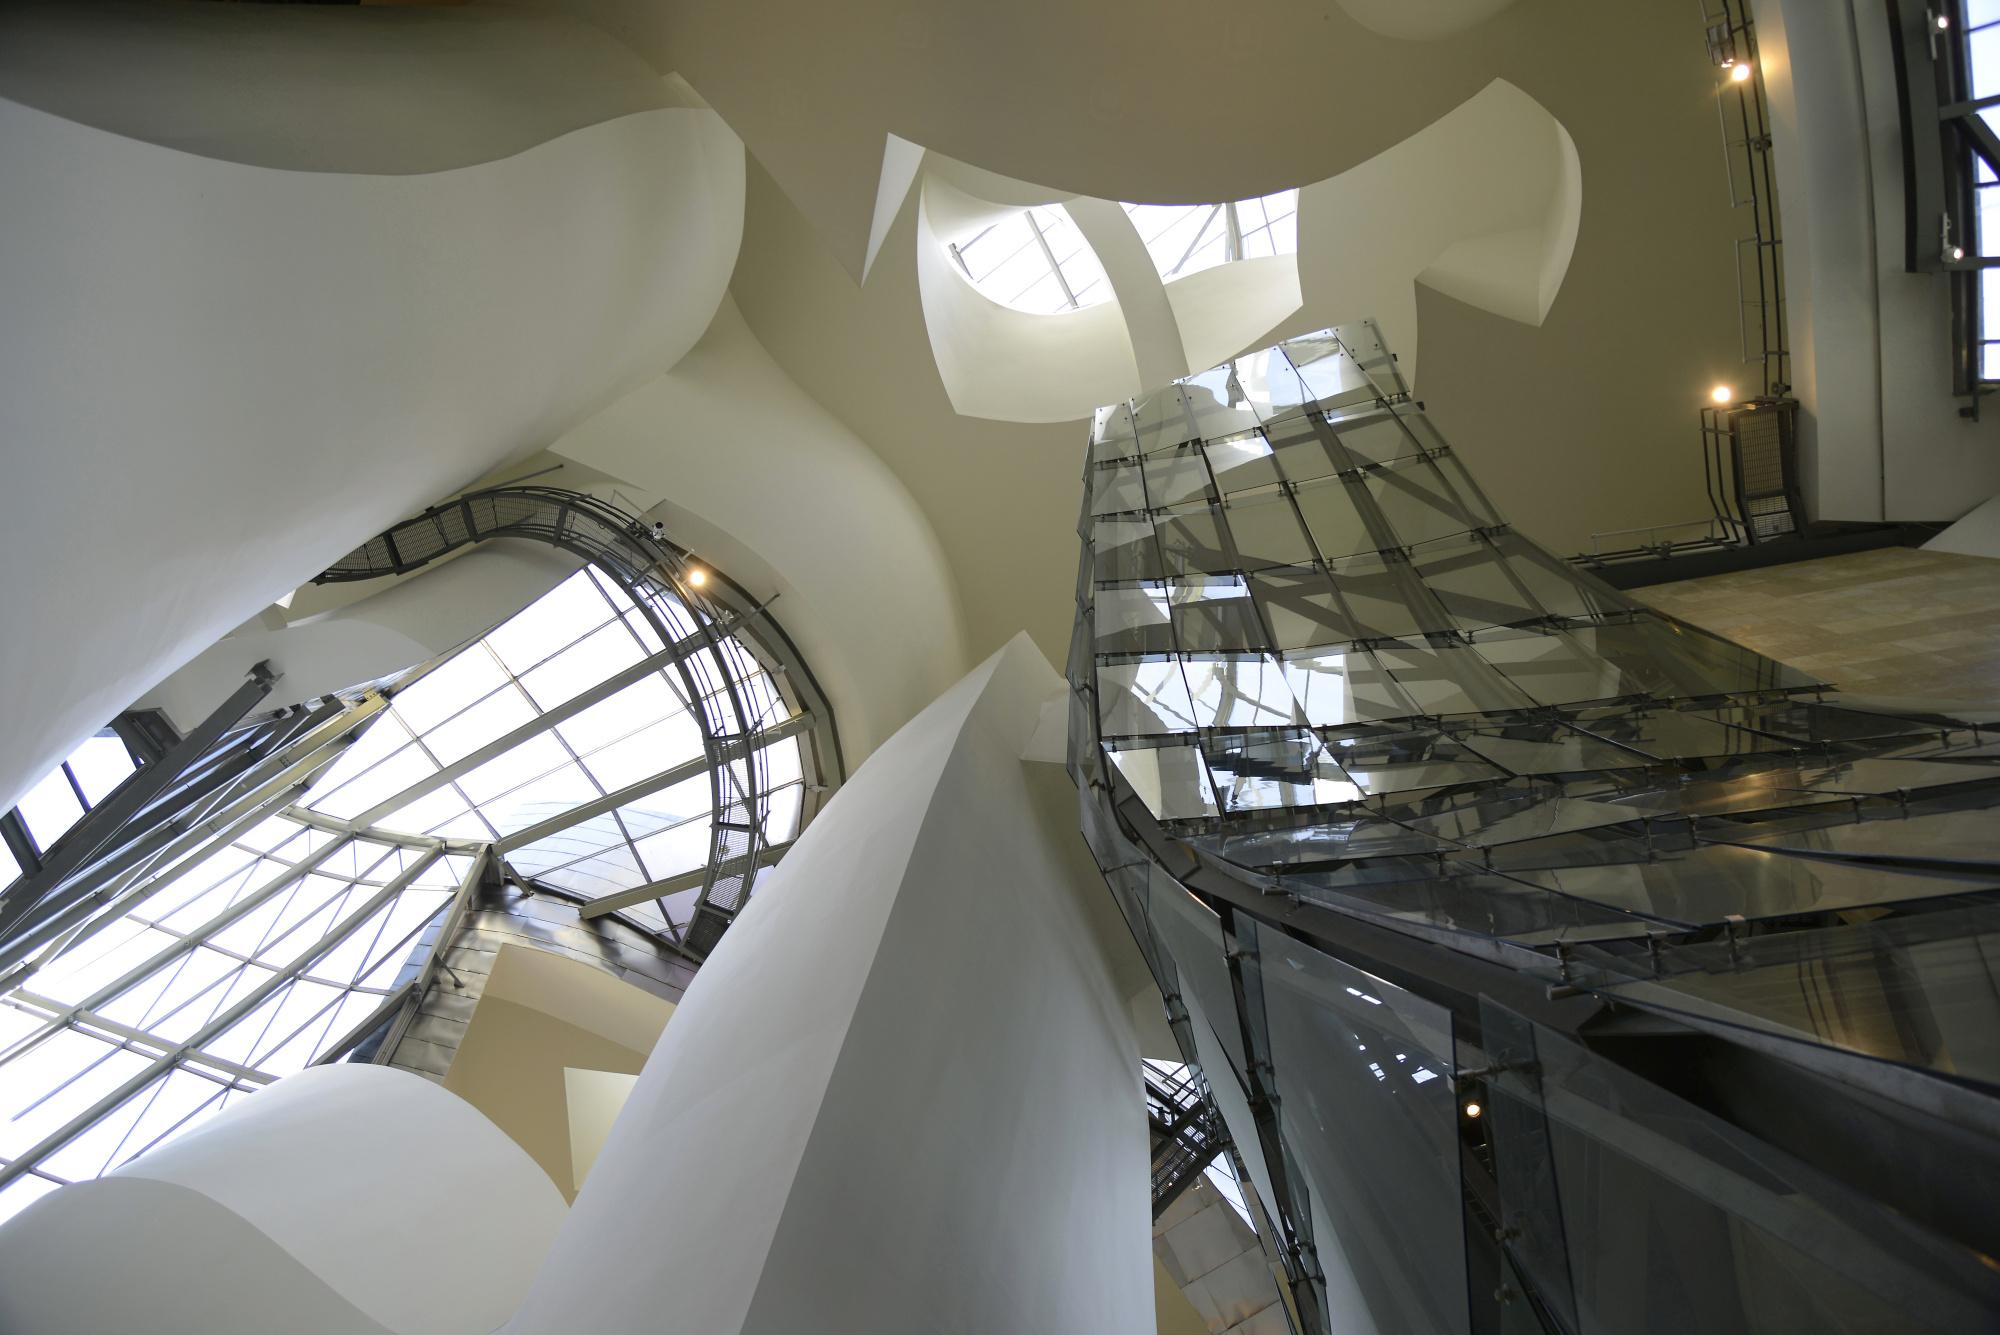 Guggenheim Museum Inside (2) | Guggenheim Museum Bilbao ...  Guggenheim Inside